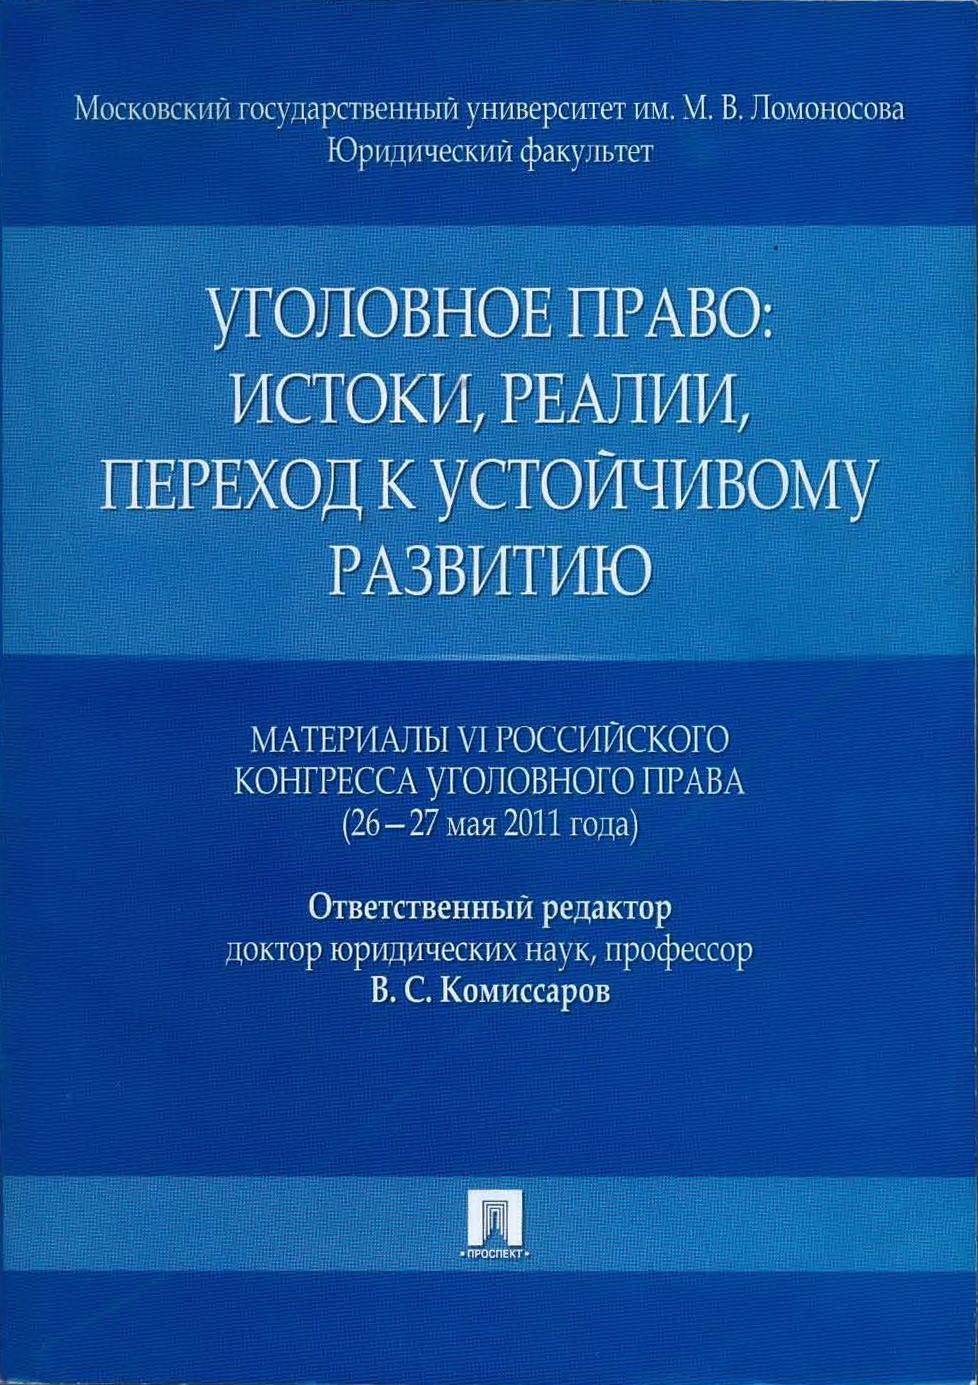 Уголовное право: истоки, реалии, переход к устойчивому развитию: материалы VI Российского конгресса уголовного права (26–27 мая 2011 года)